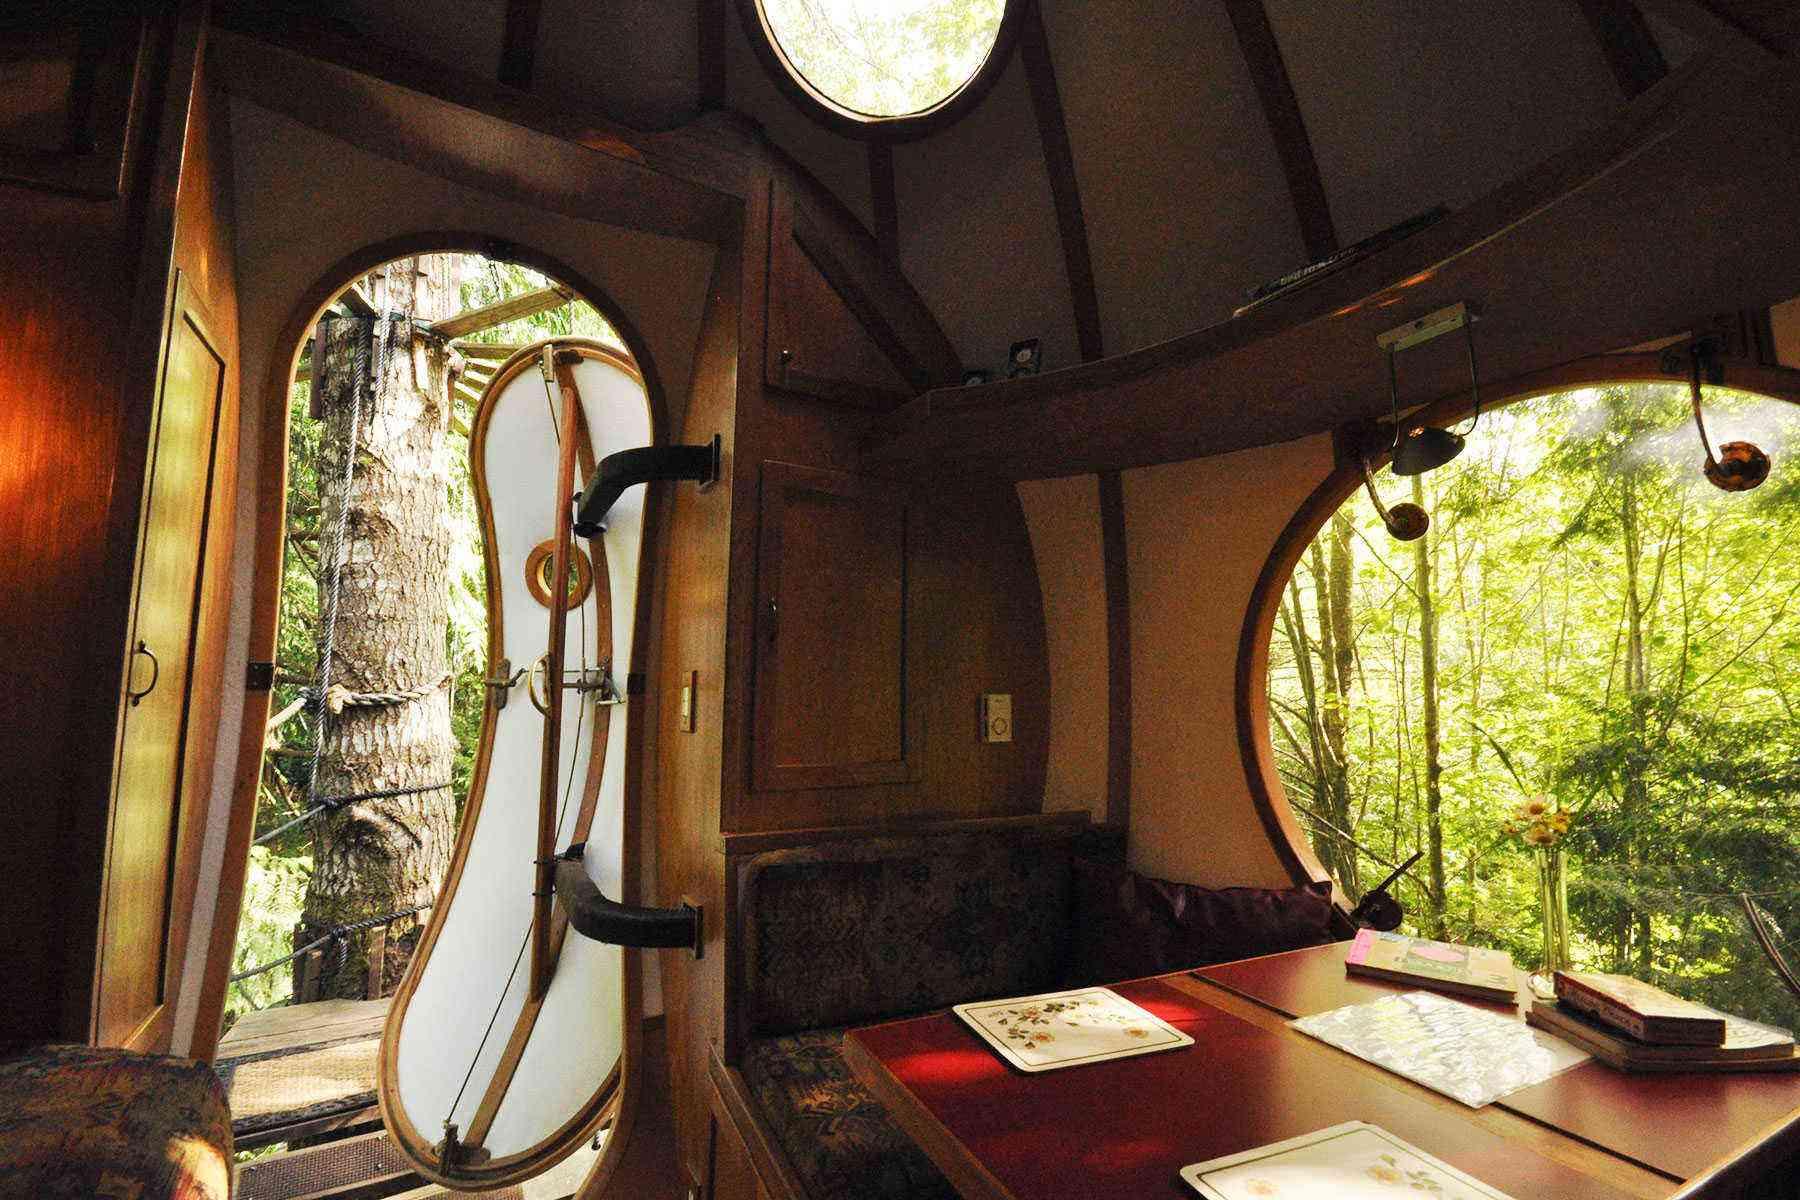 Unusual-Treehouses-Free-Spirit-Spheres-2